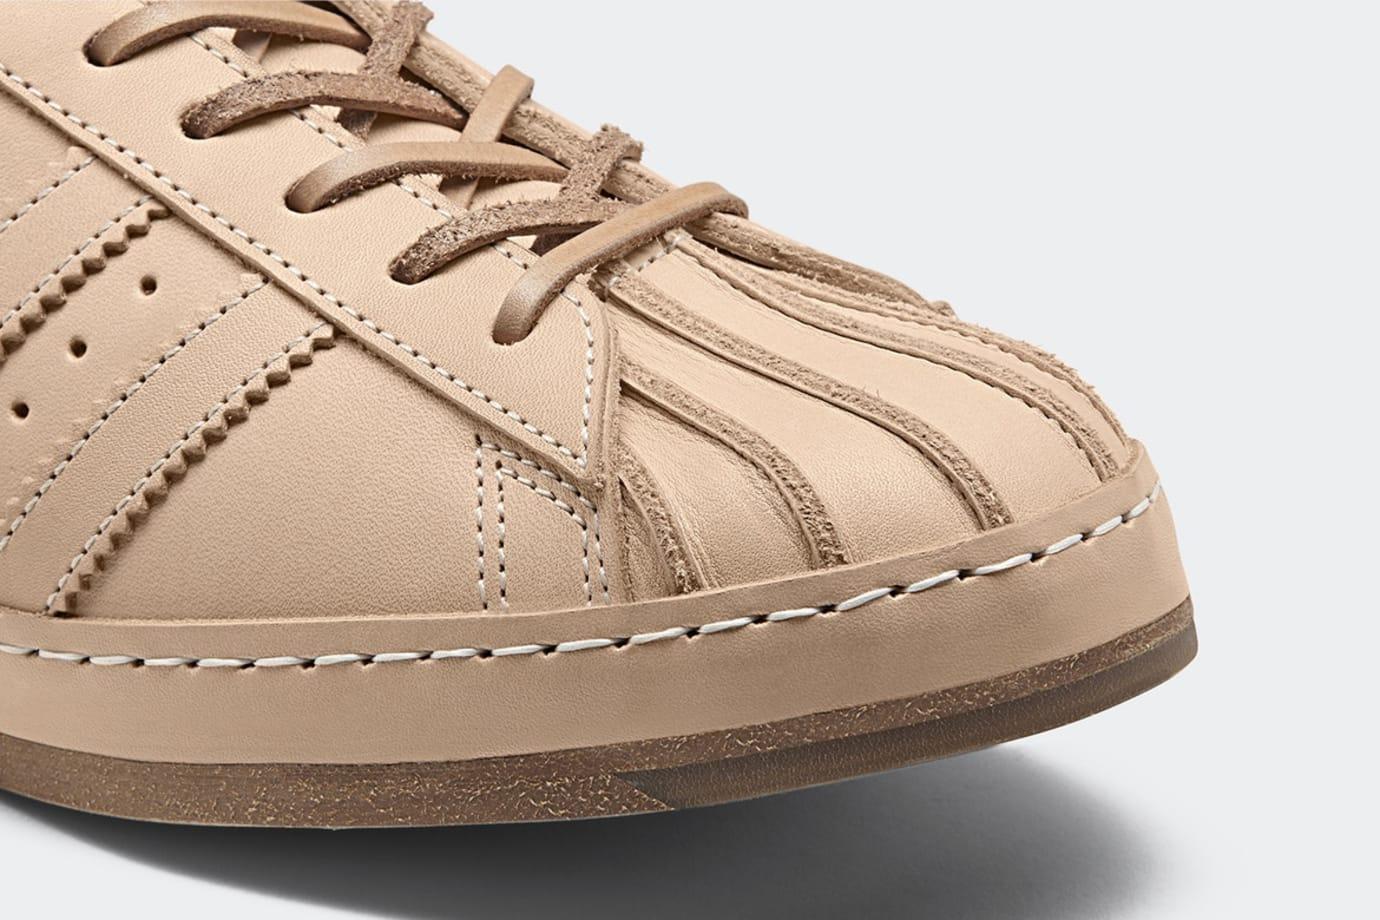 Hender Scheme Adidas Superstar Toe